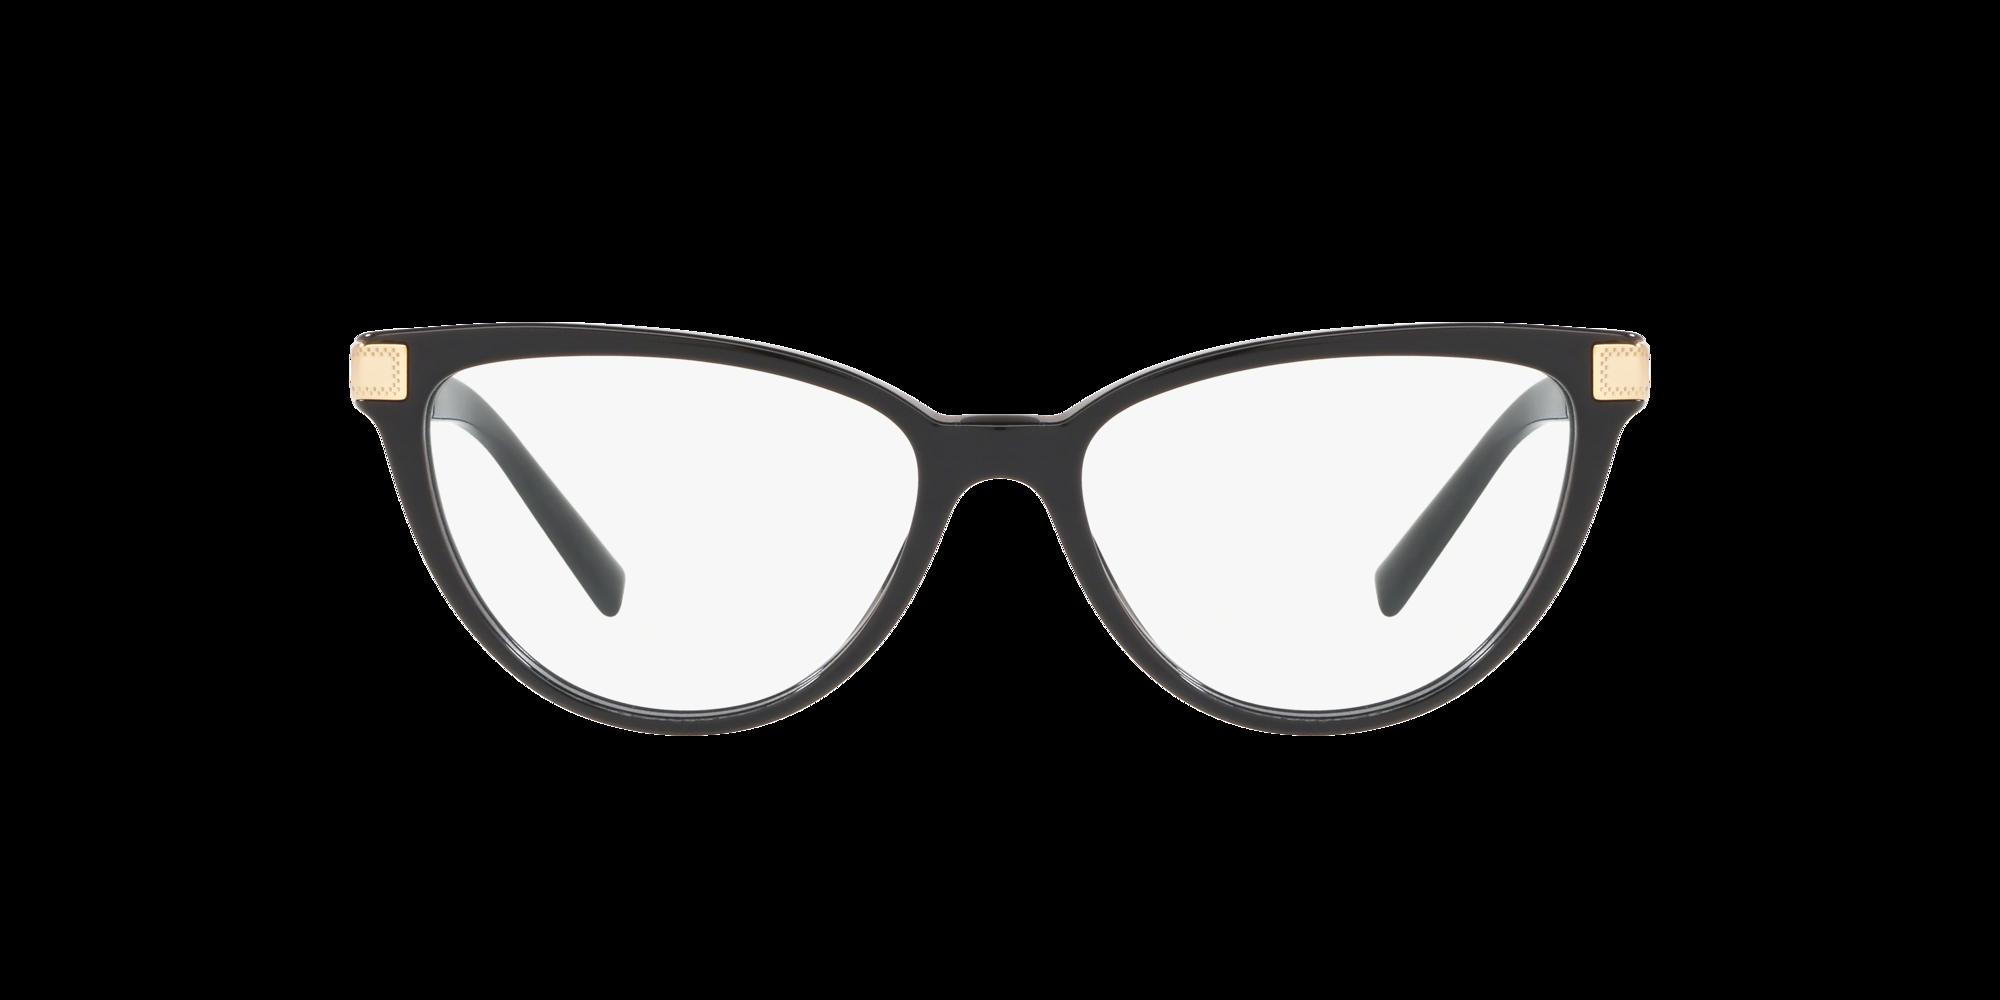 Imagen para VE3271 de LensCrafters |  Espejuelos, espejuelos graduados en línea, gafas